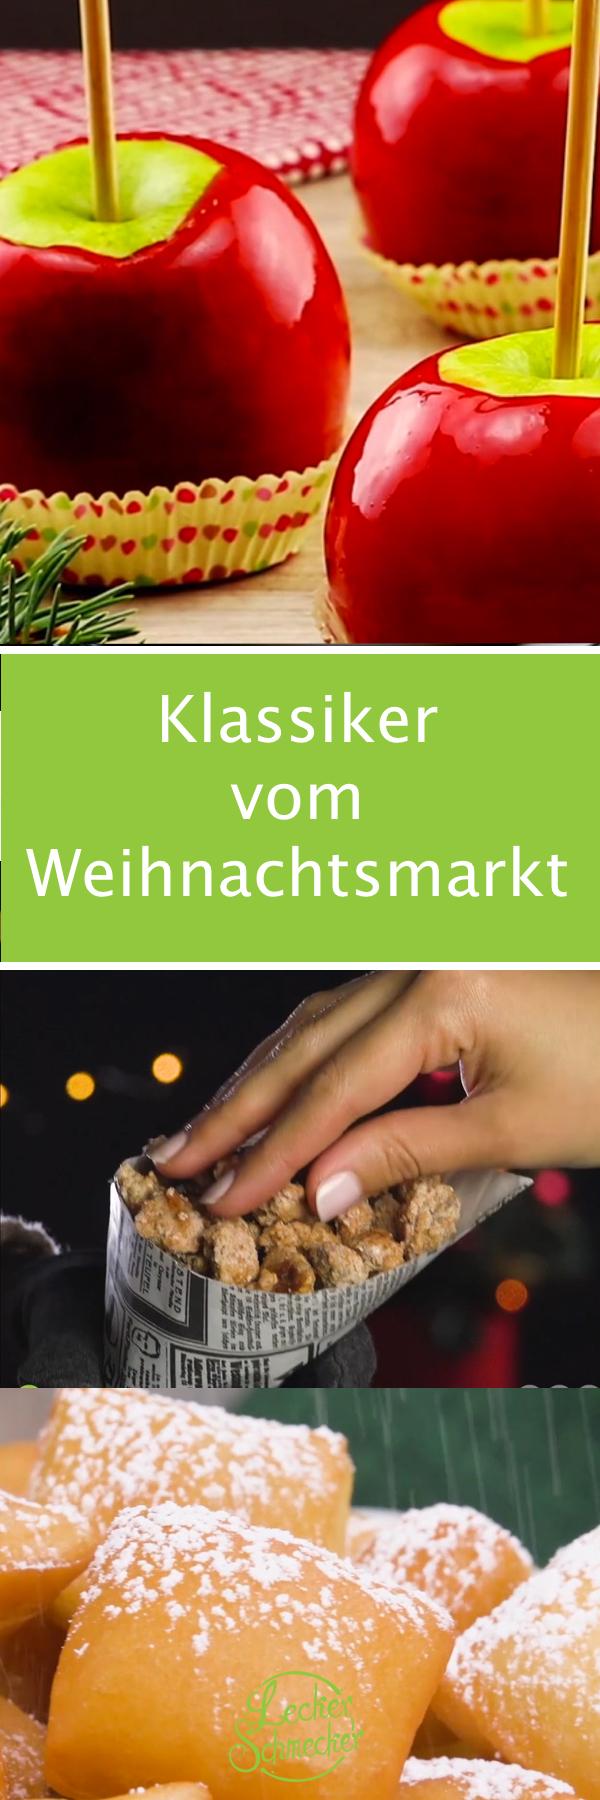 Weihnachtsmarkt L.Rezepte Für 4 Klassiker Vom Weihnachtsmarkt Gebrannte Mandeln